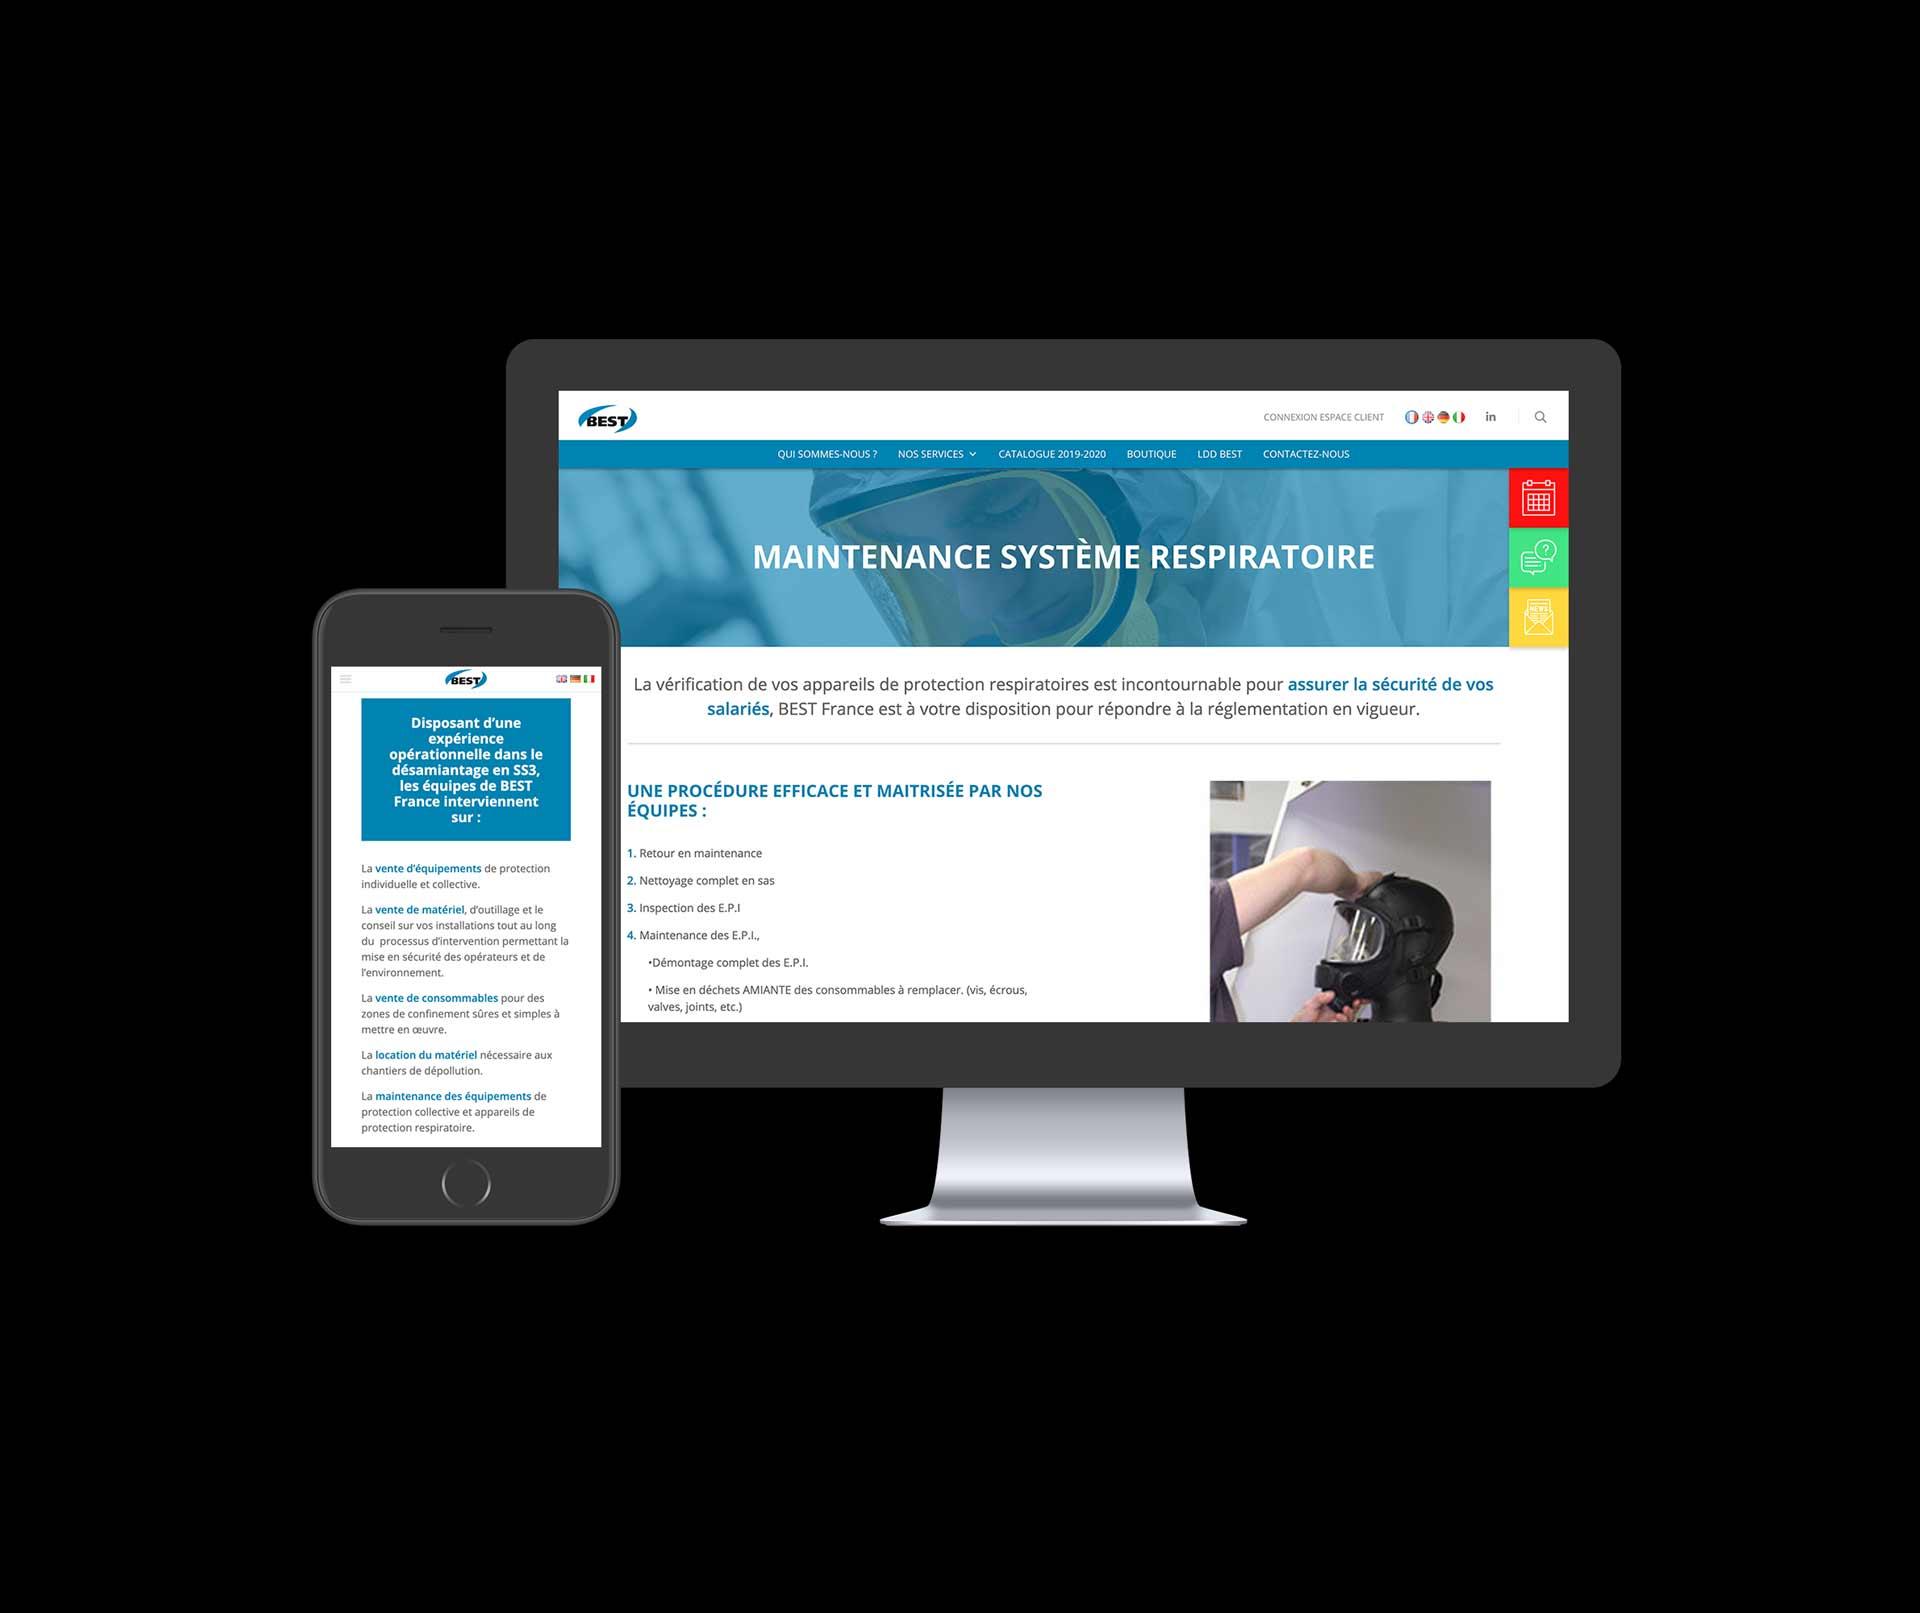 image de mise en situation du site web de BEST dans un écran d'ordinateur et un téléphone